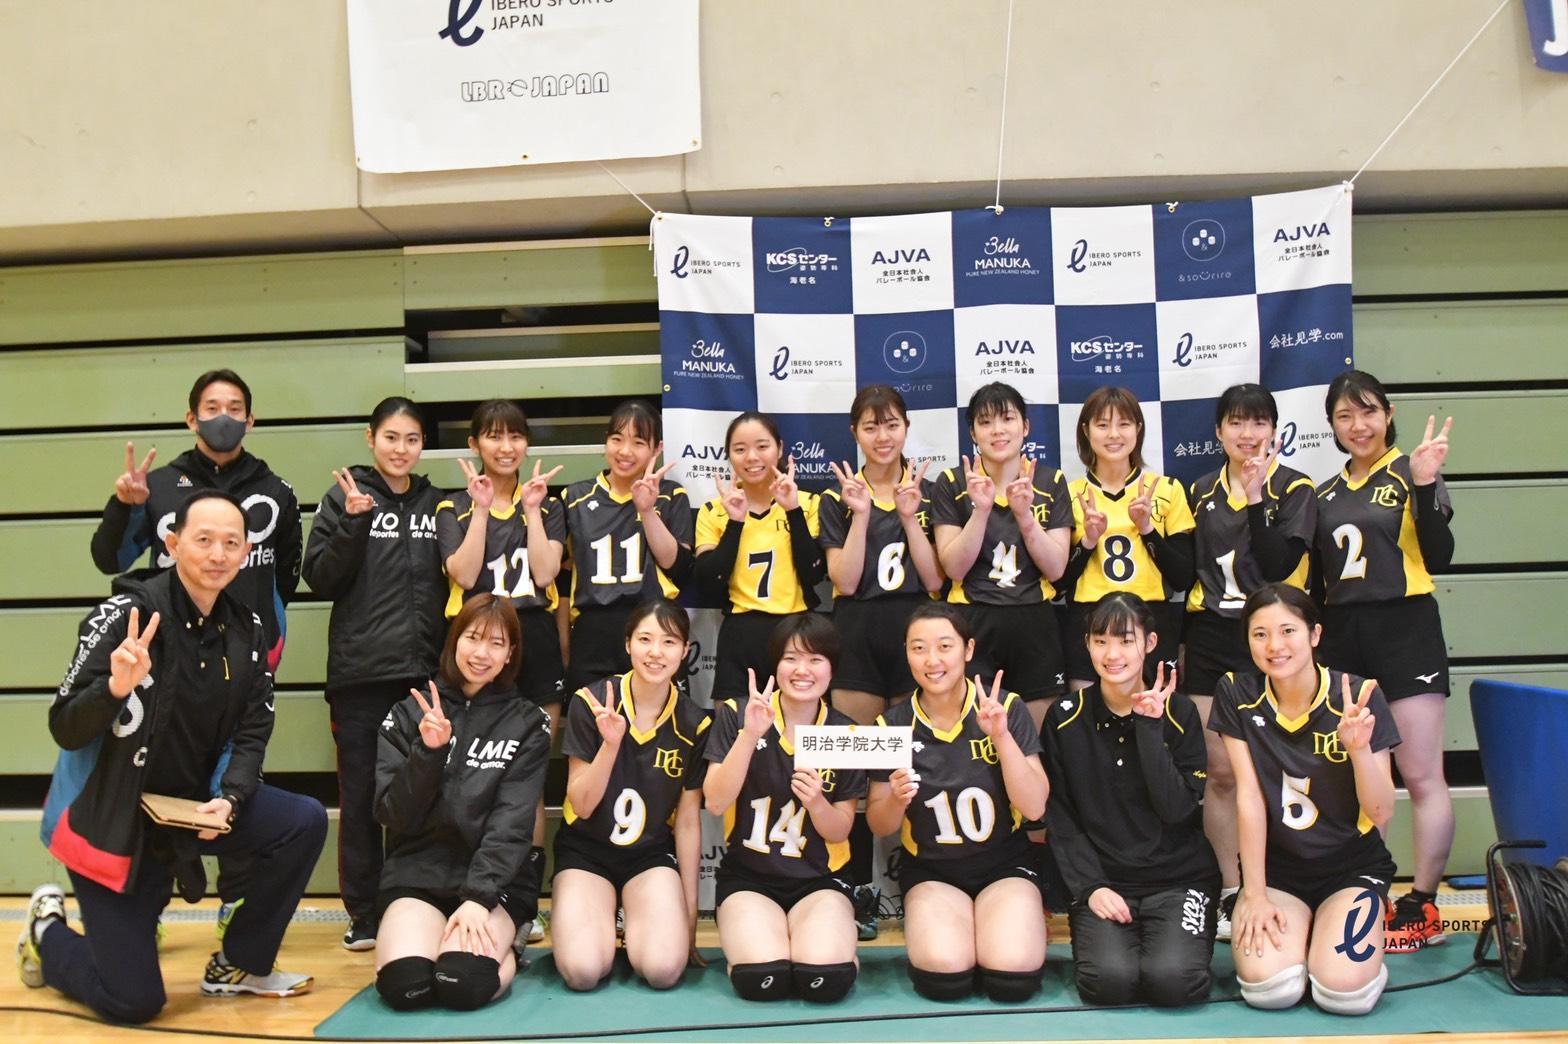 12月12日 JAPAN 社会人6人制バレーボール 関東大会 本戦